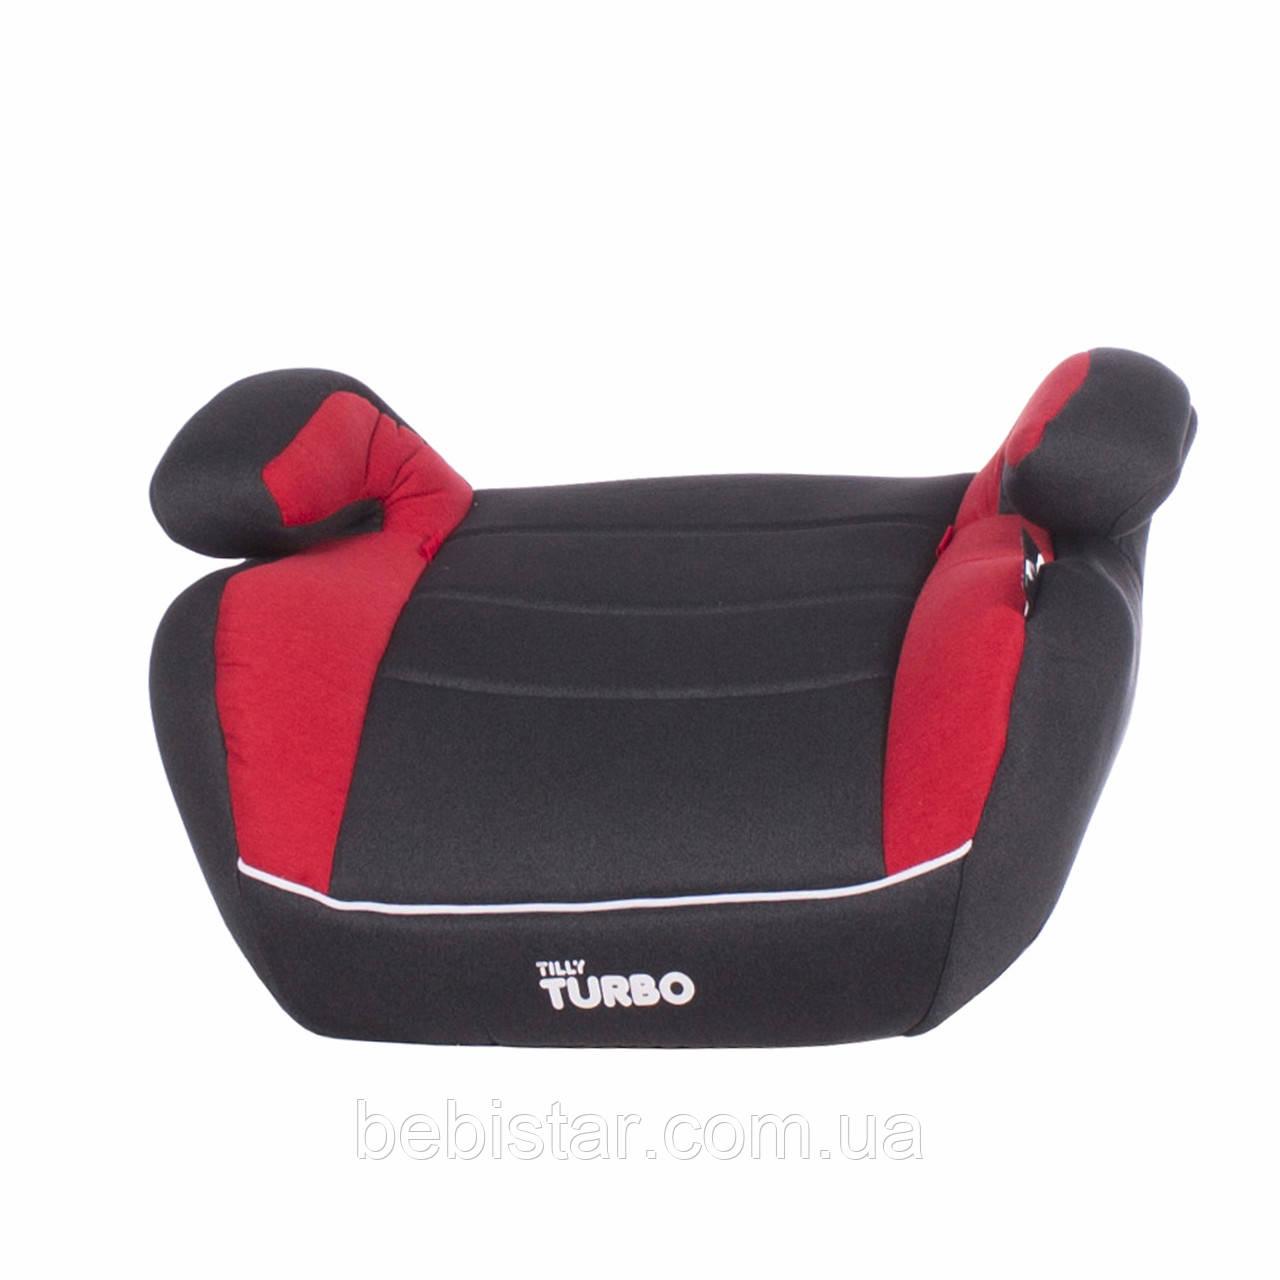 Автокресло-бустер темно-серое с красными вставками TILLY Turbo